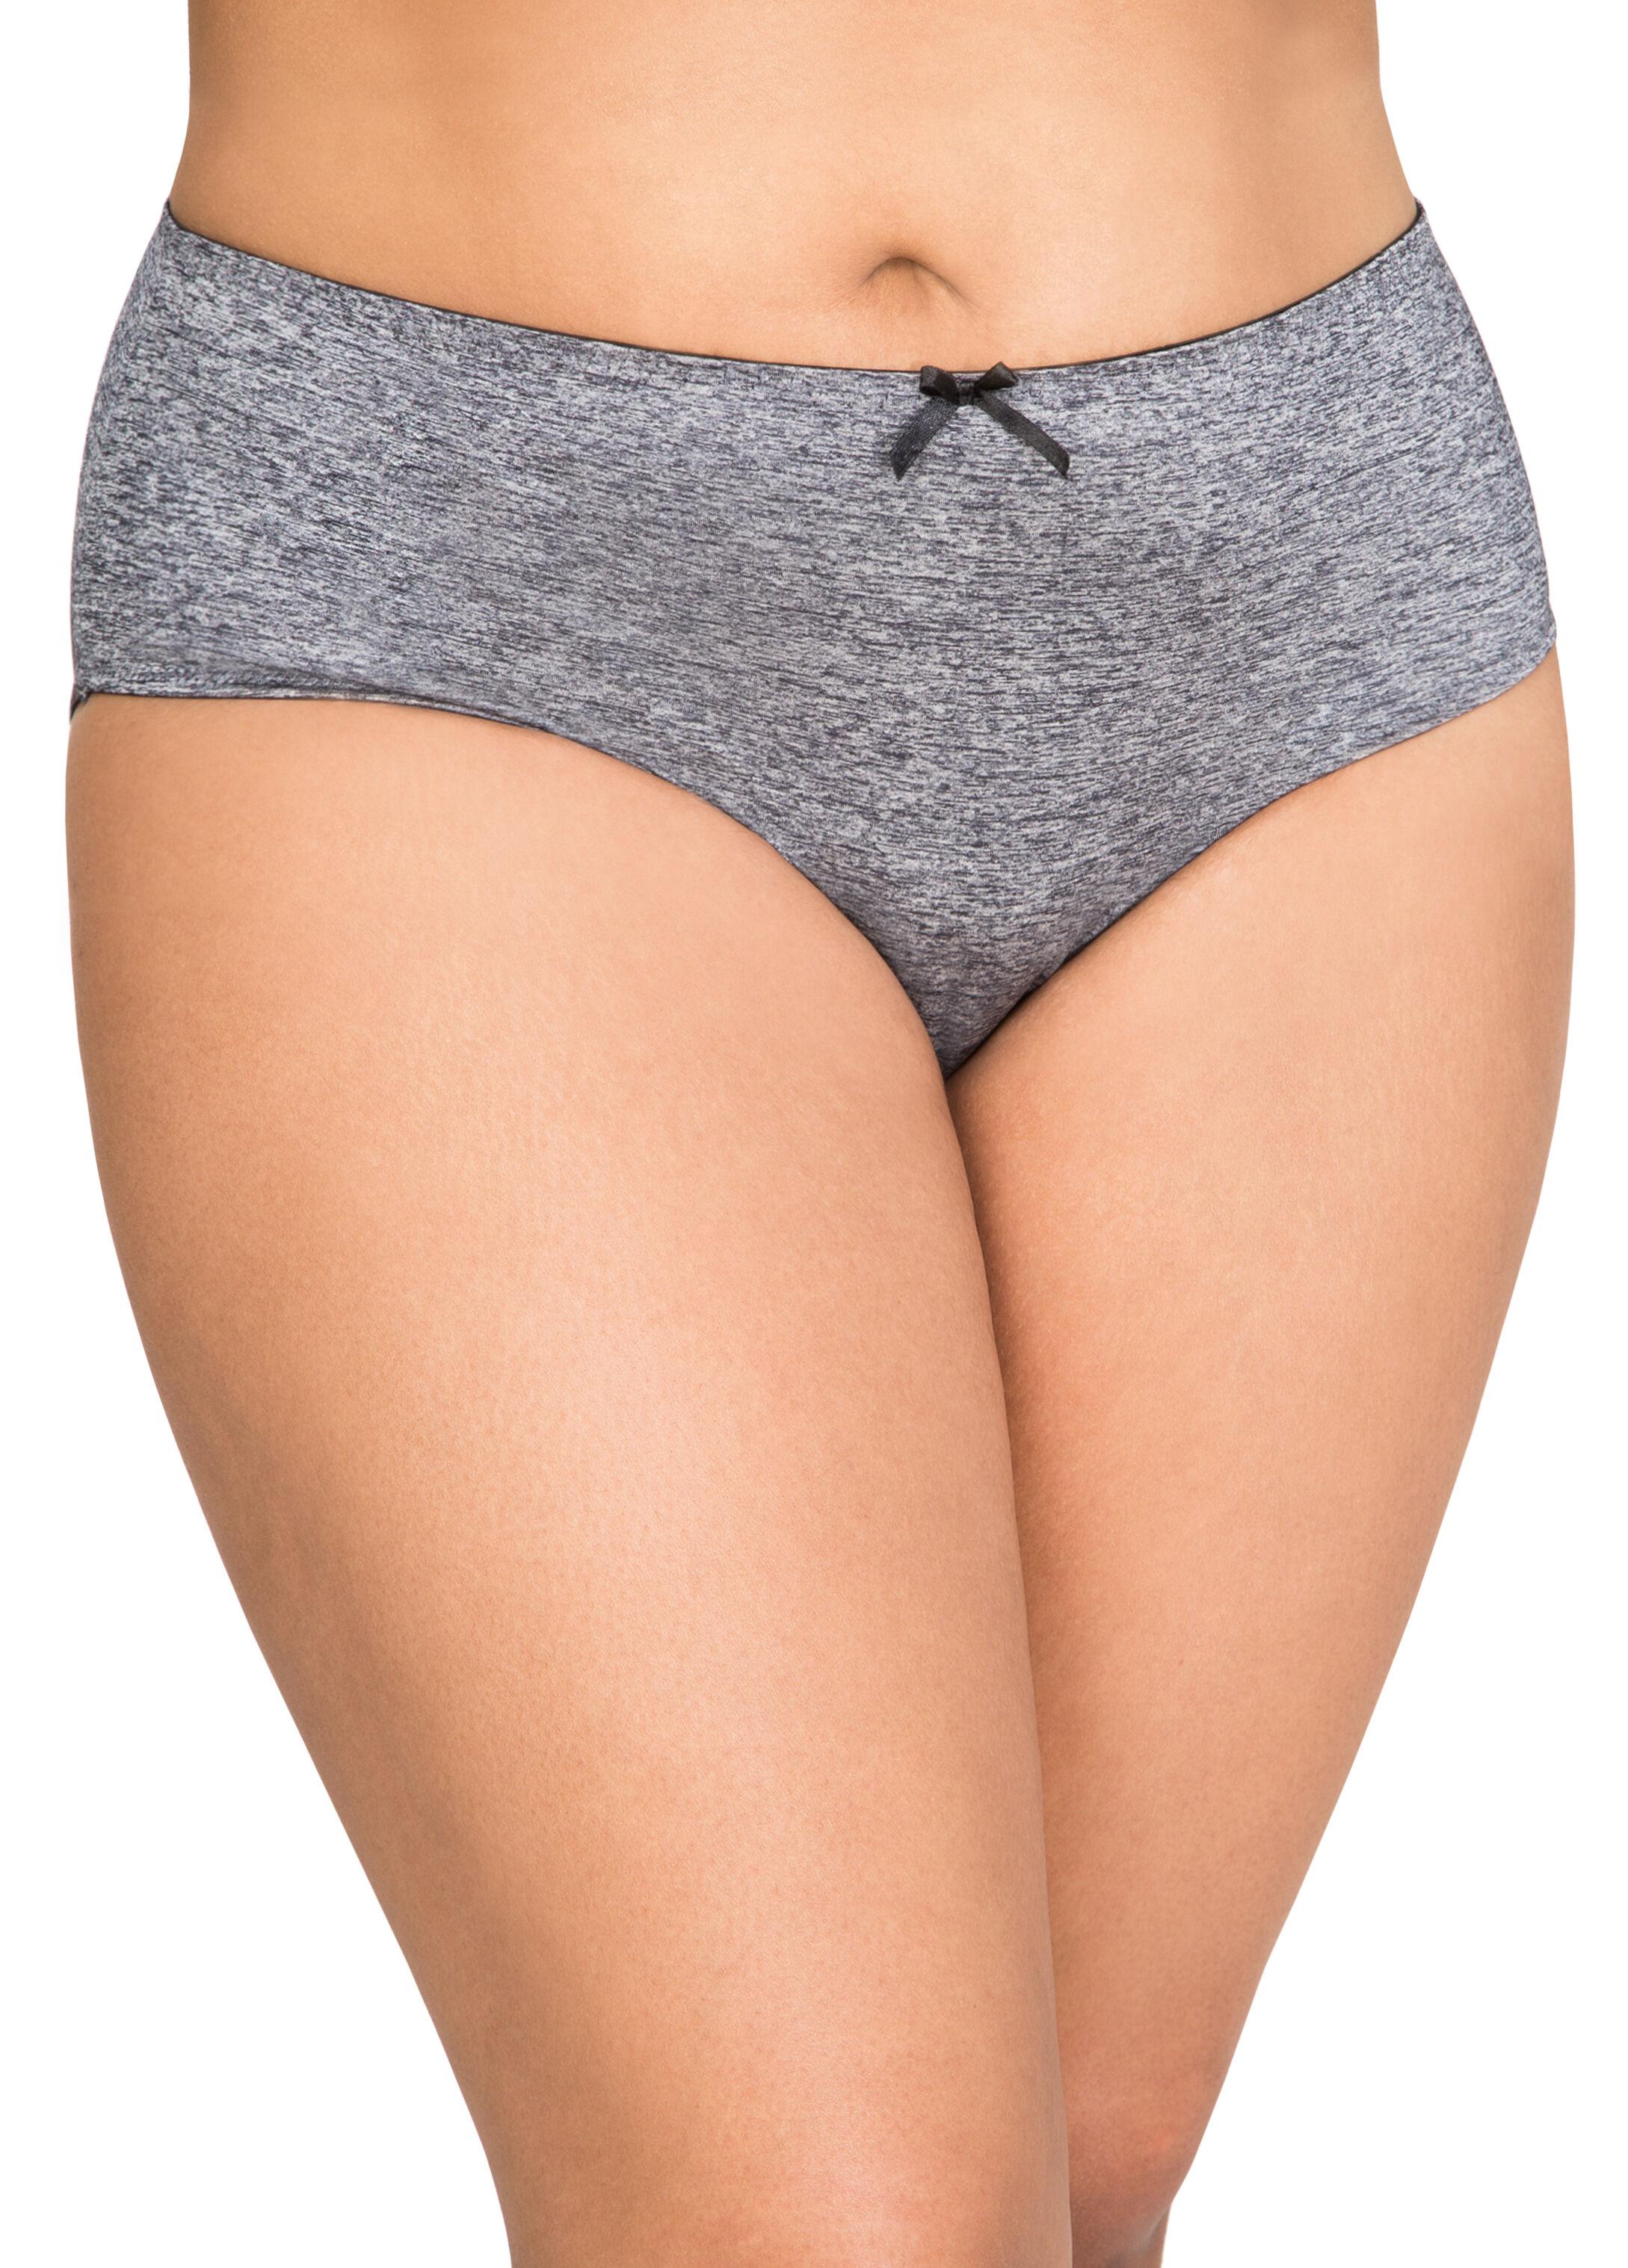 Lace Back Bikini Panty